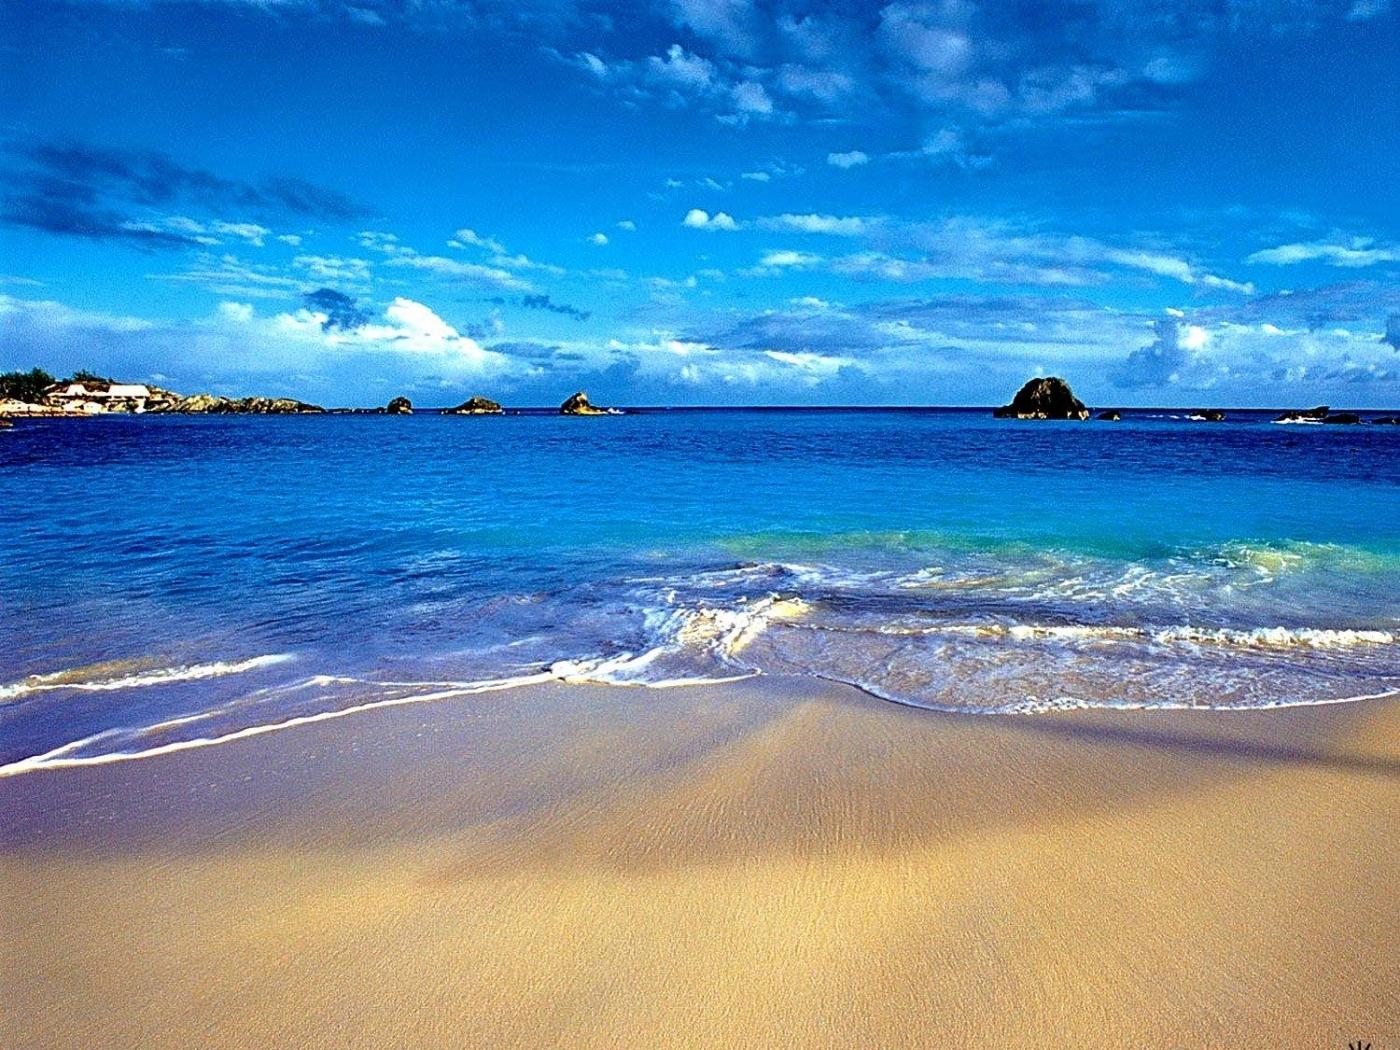 26540 скачать обои Пейзаж, Небо, Море, Облака, Волны, Пляж - заставки и картинки бесплатно